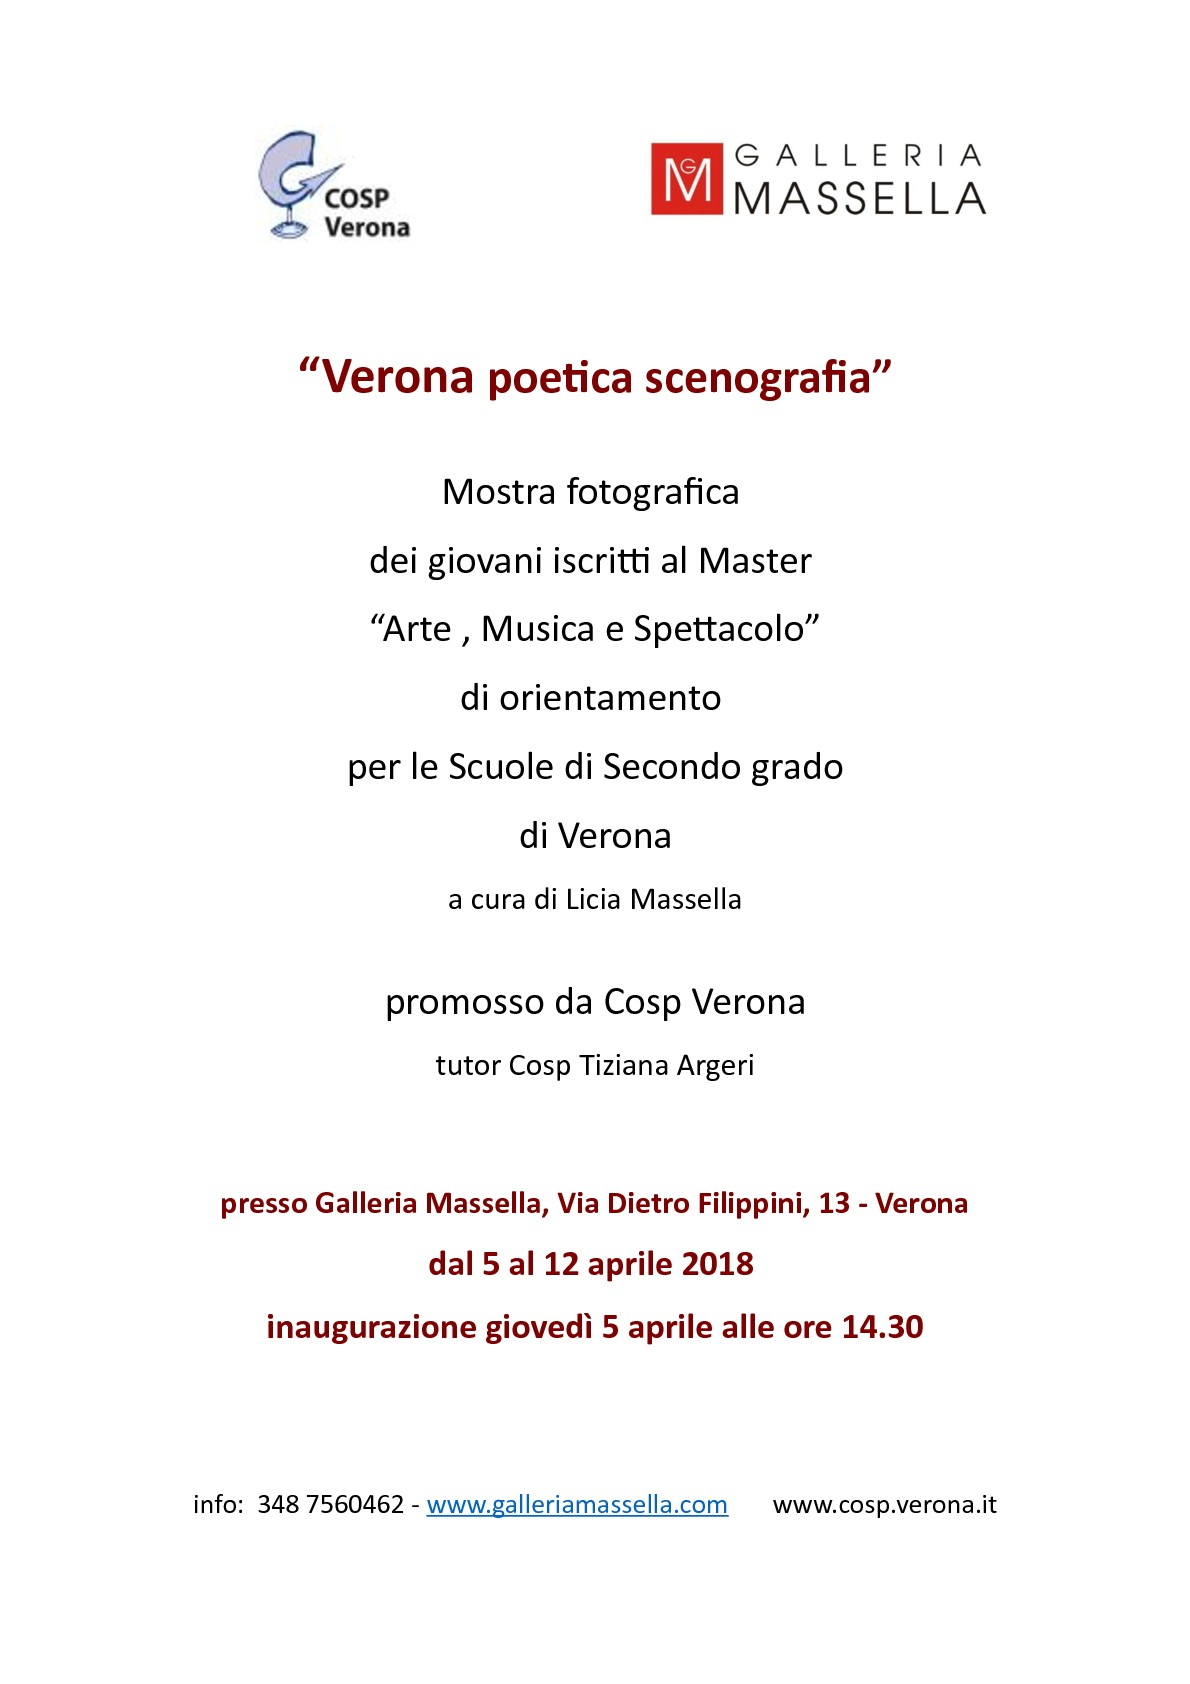 """5 aprile ore 14.30 mostra """"Verona poetica scenografia"""" del Master Cosp in """"Arte Musica e Spettacolo"""""""